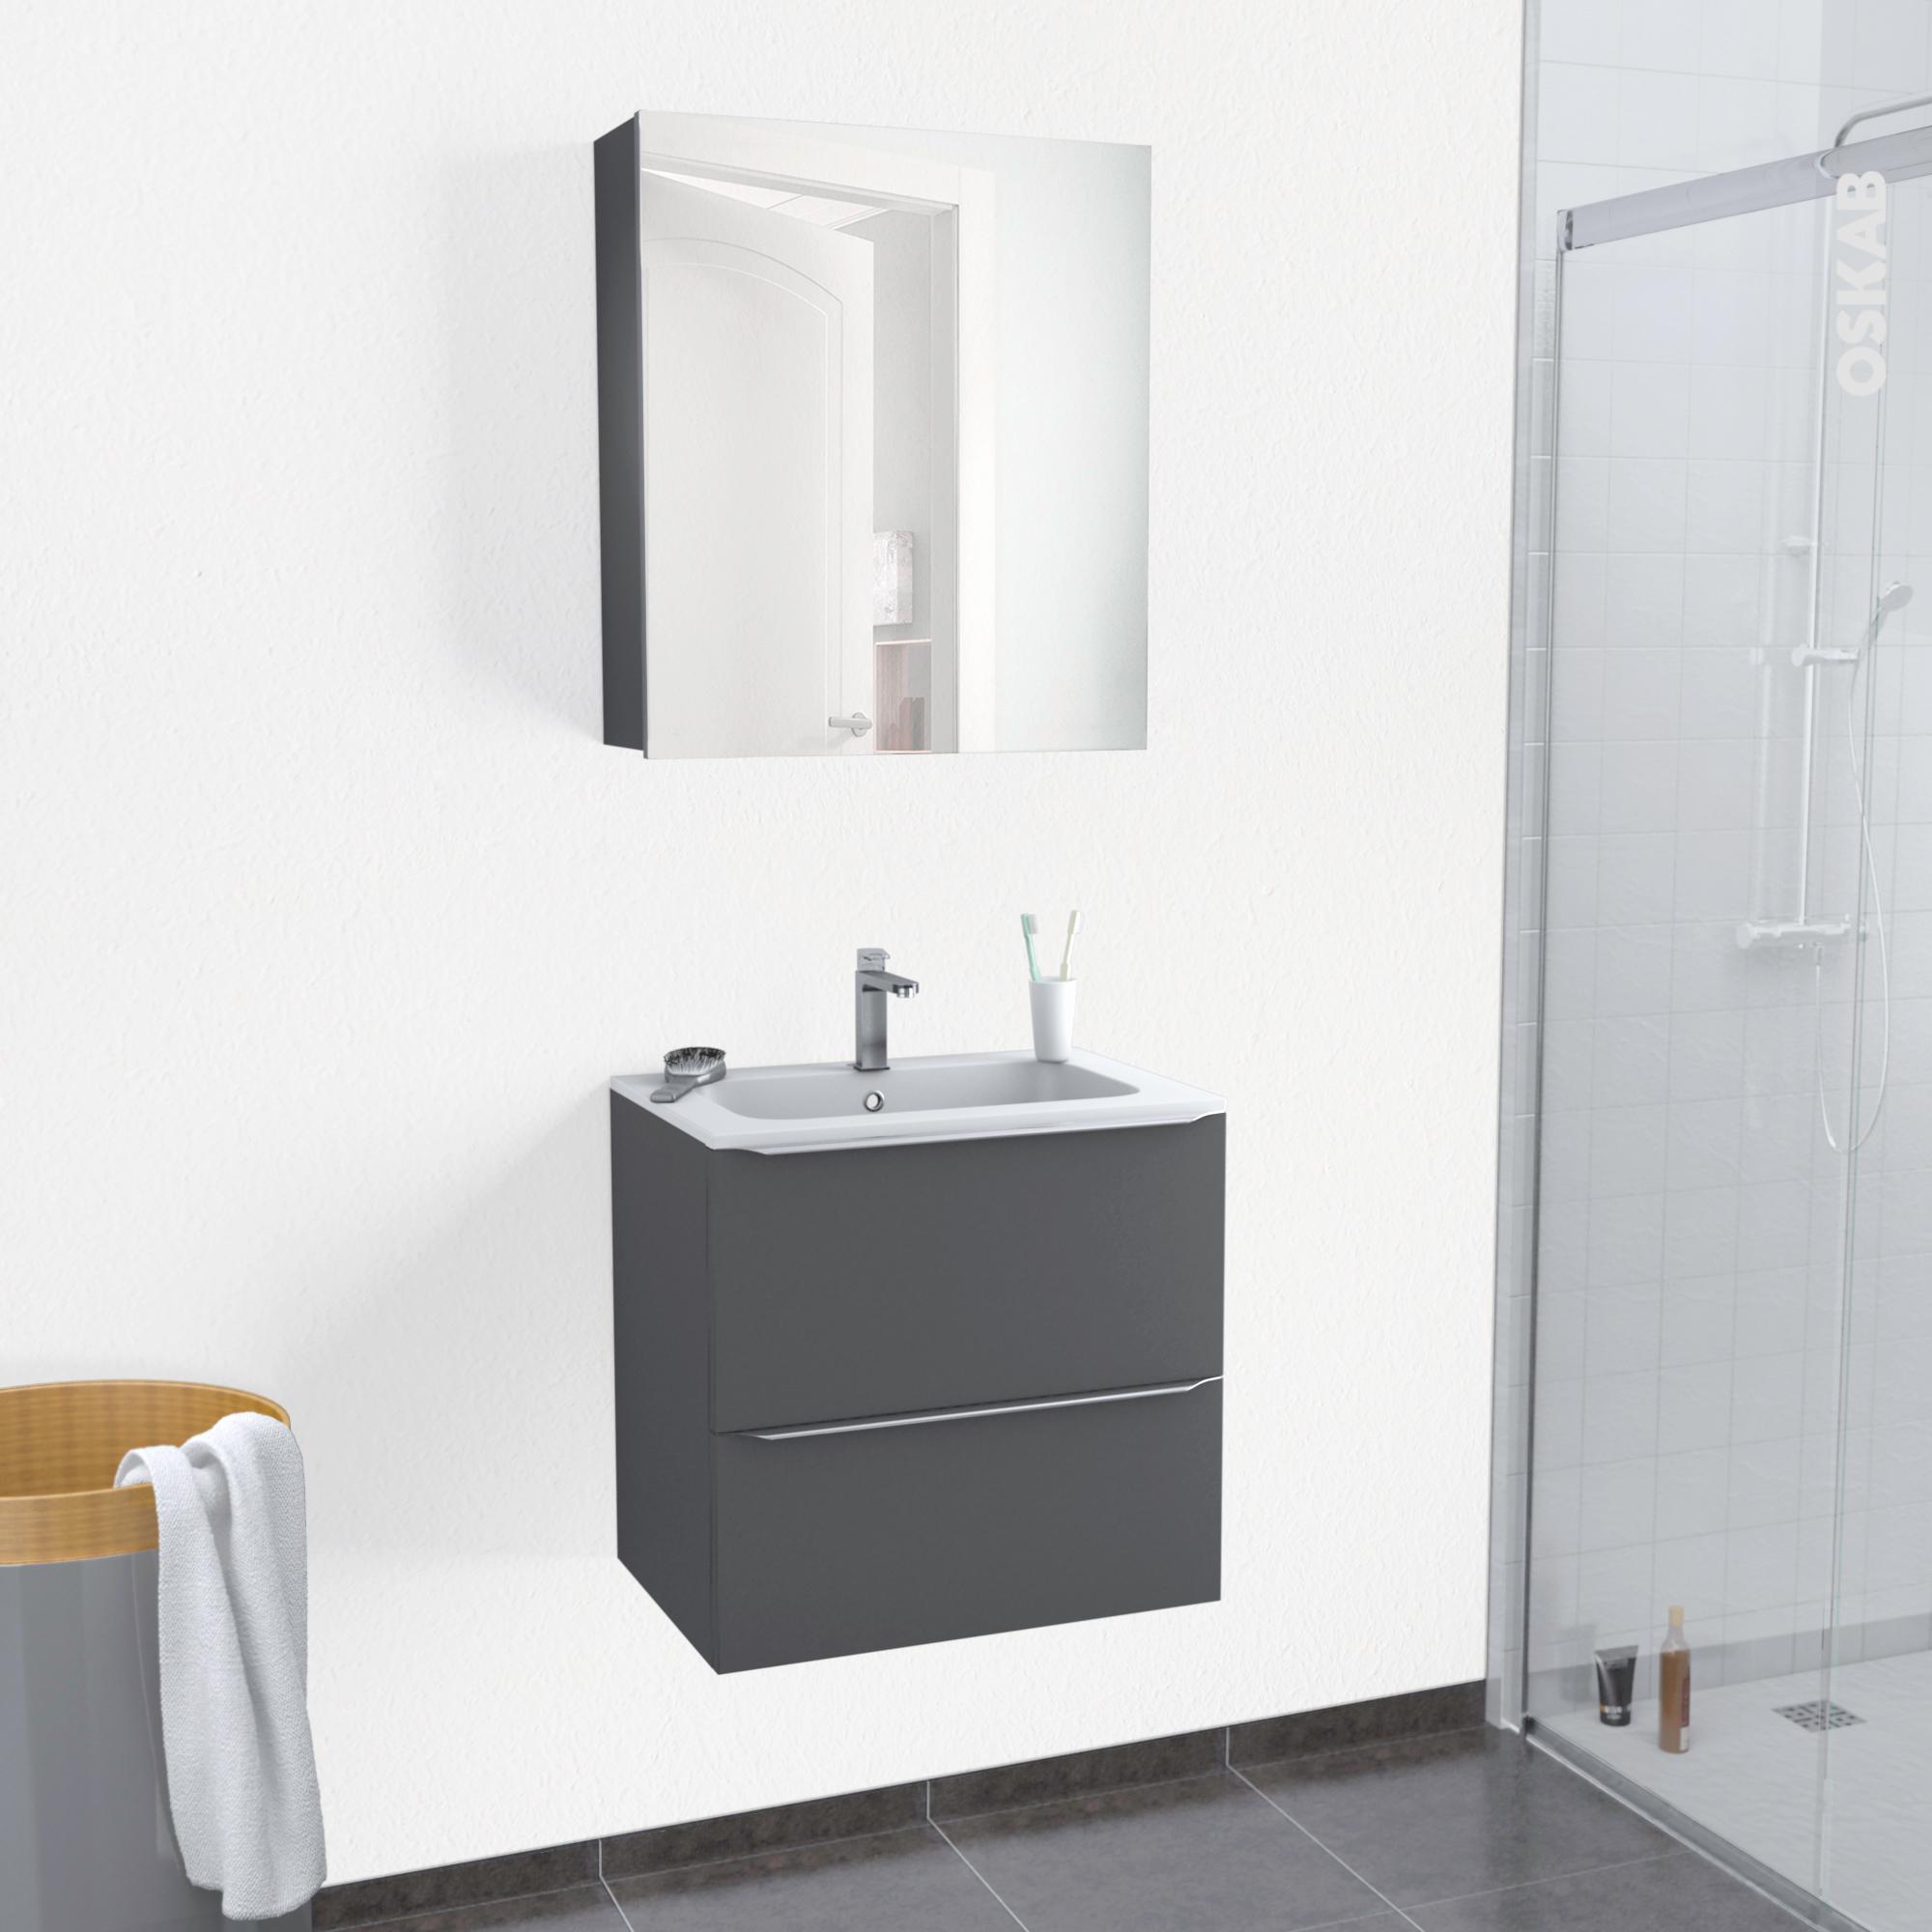 Plan De Toilette Salle De Bain ensemble salle de bains meuble ginko gris plan vasque r�sine, armoire de  toilette, l60,5 x h58,5 x p40,5 cm